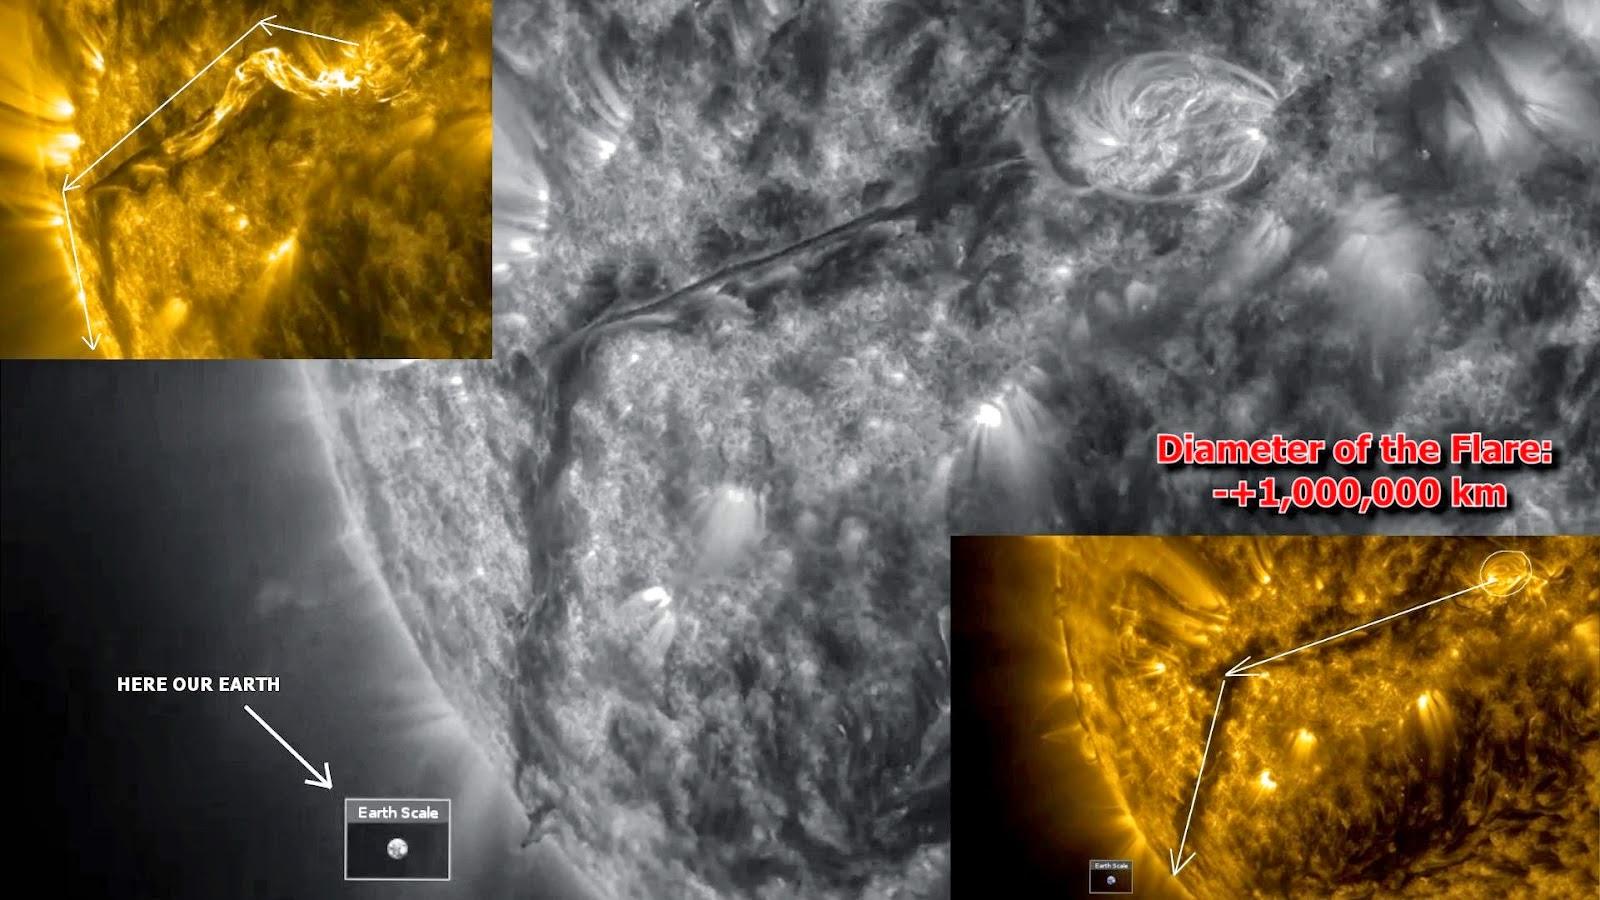 Vidéo étonnante: énorme forme étrange qui serpente de filaments de plasma sur le Soleil, Le 5 Févri